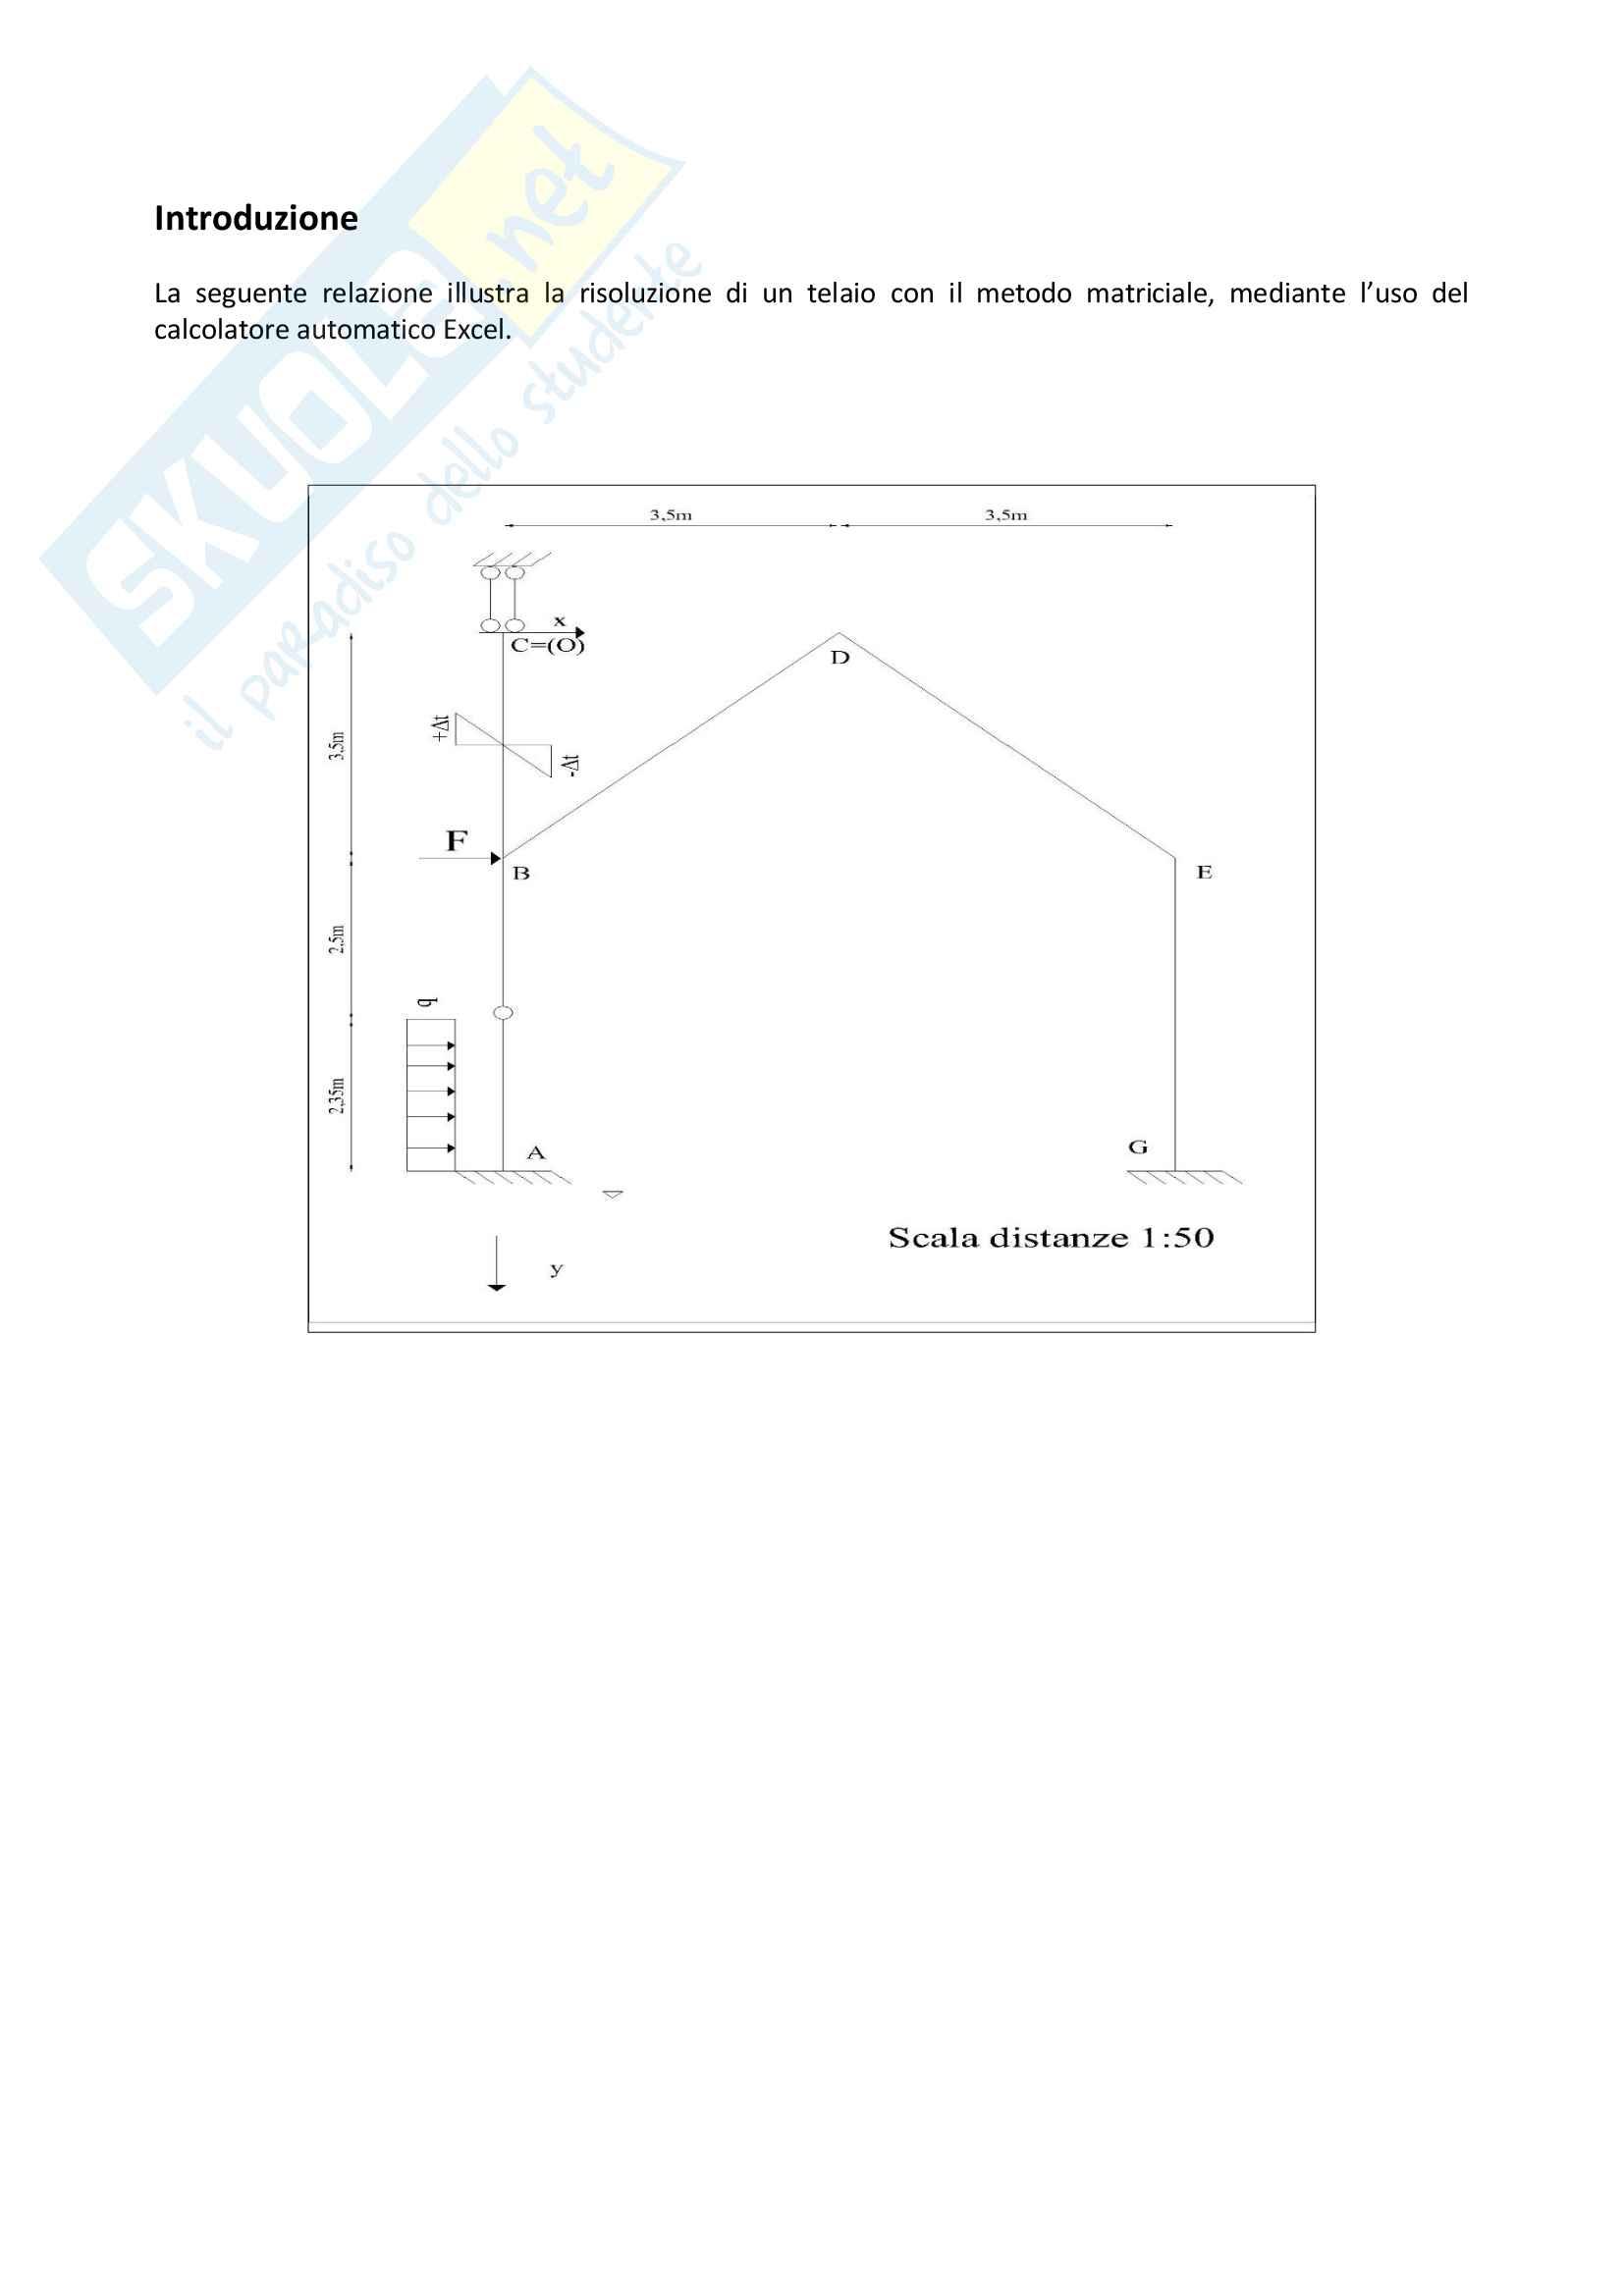 Risoluzione di un Telaio con metodo matriciale